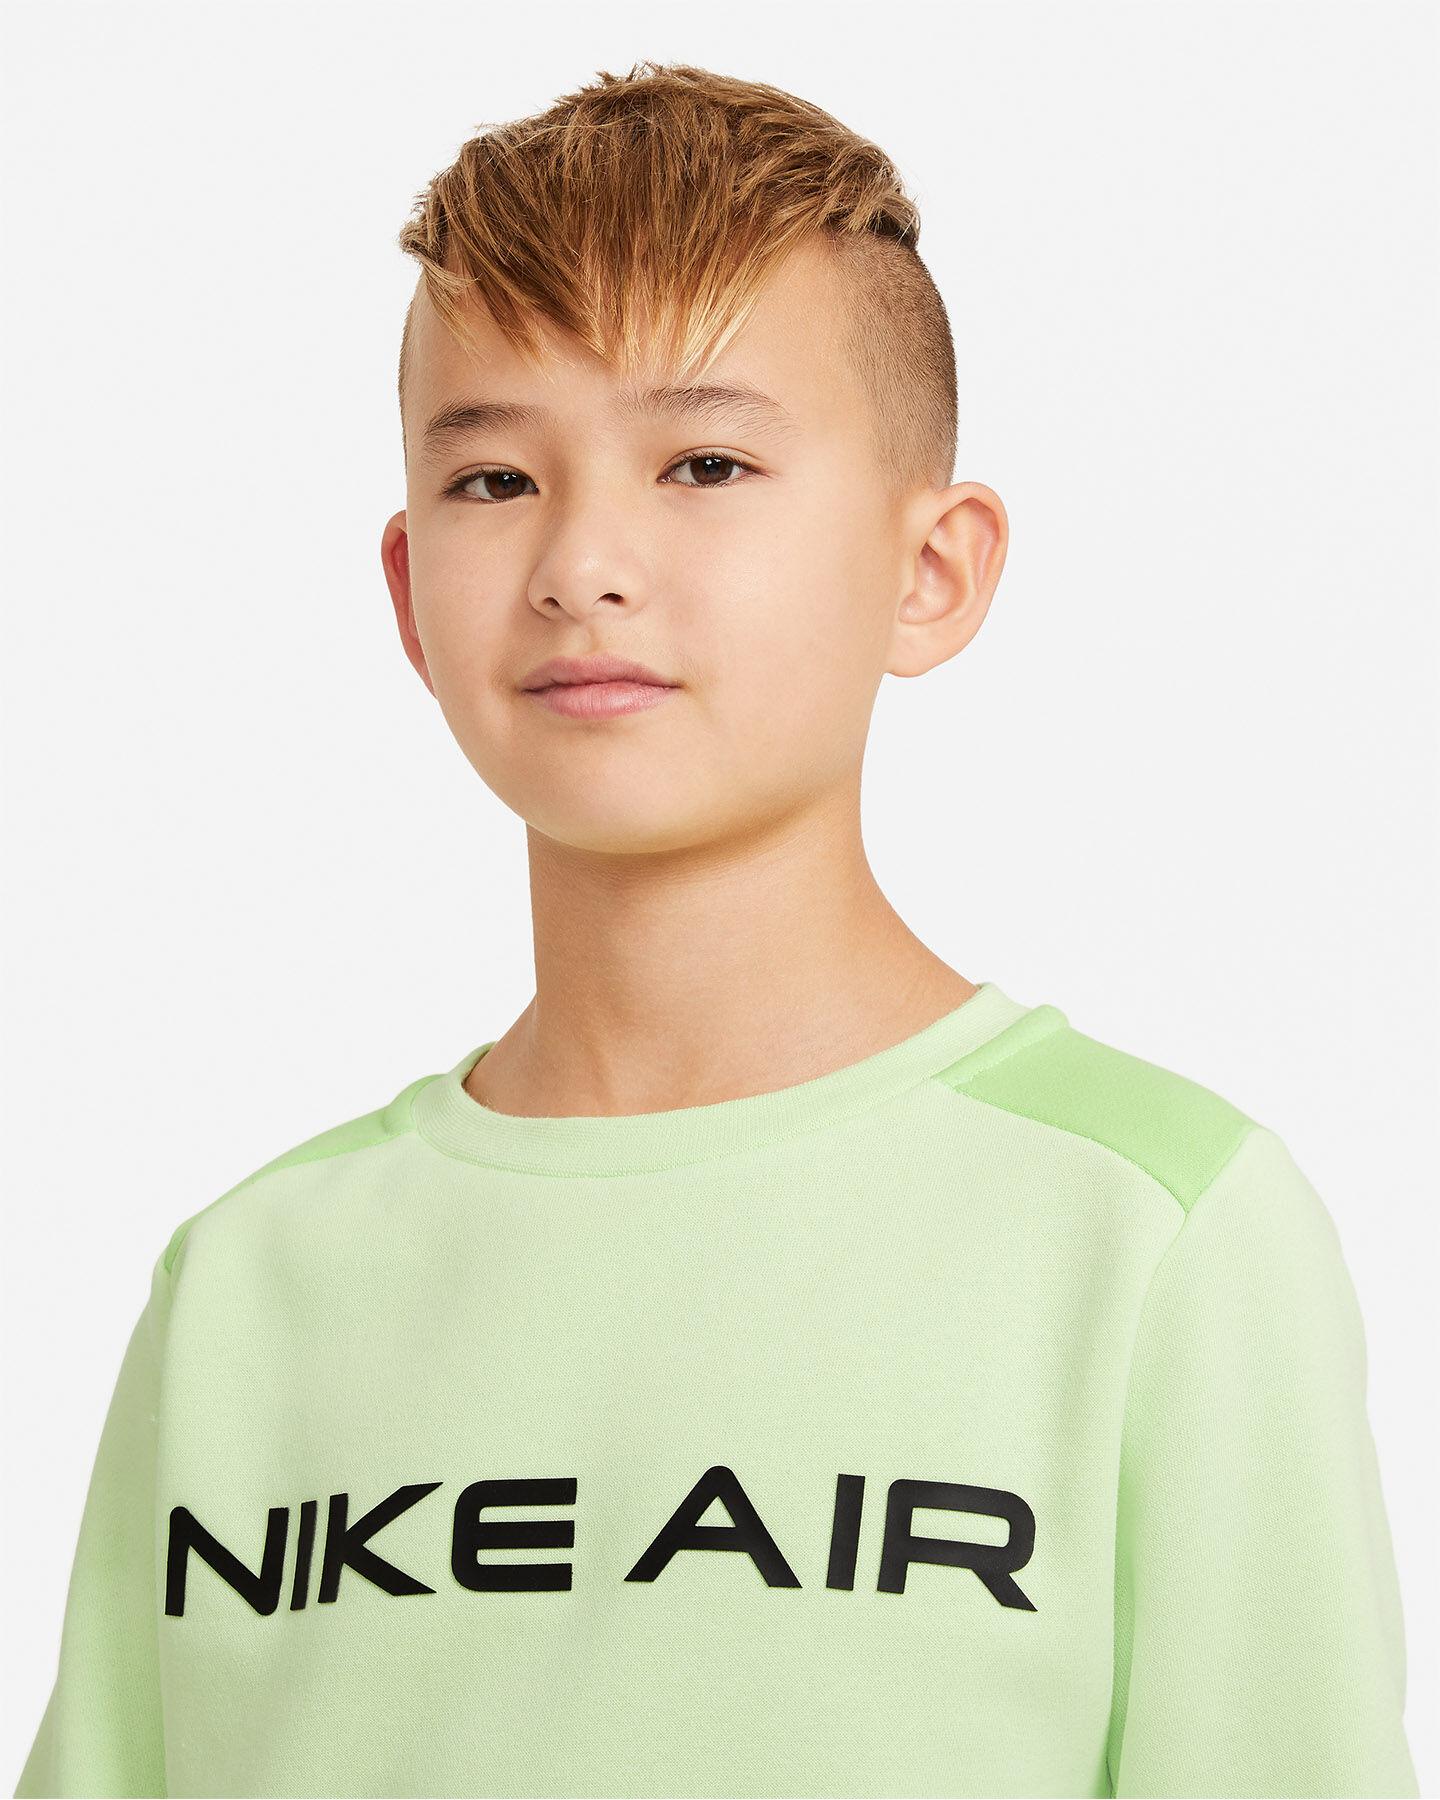 Felpa NIKE AIR JR S5270000 scatto 2